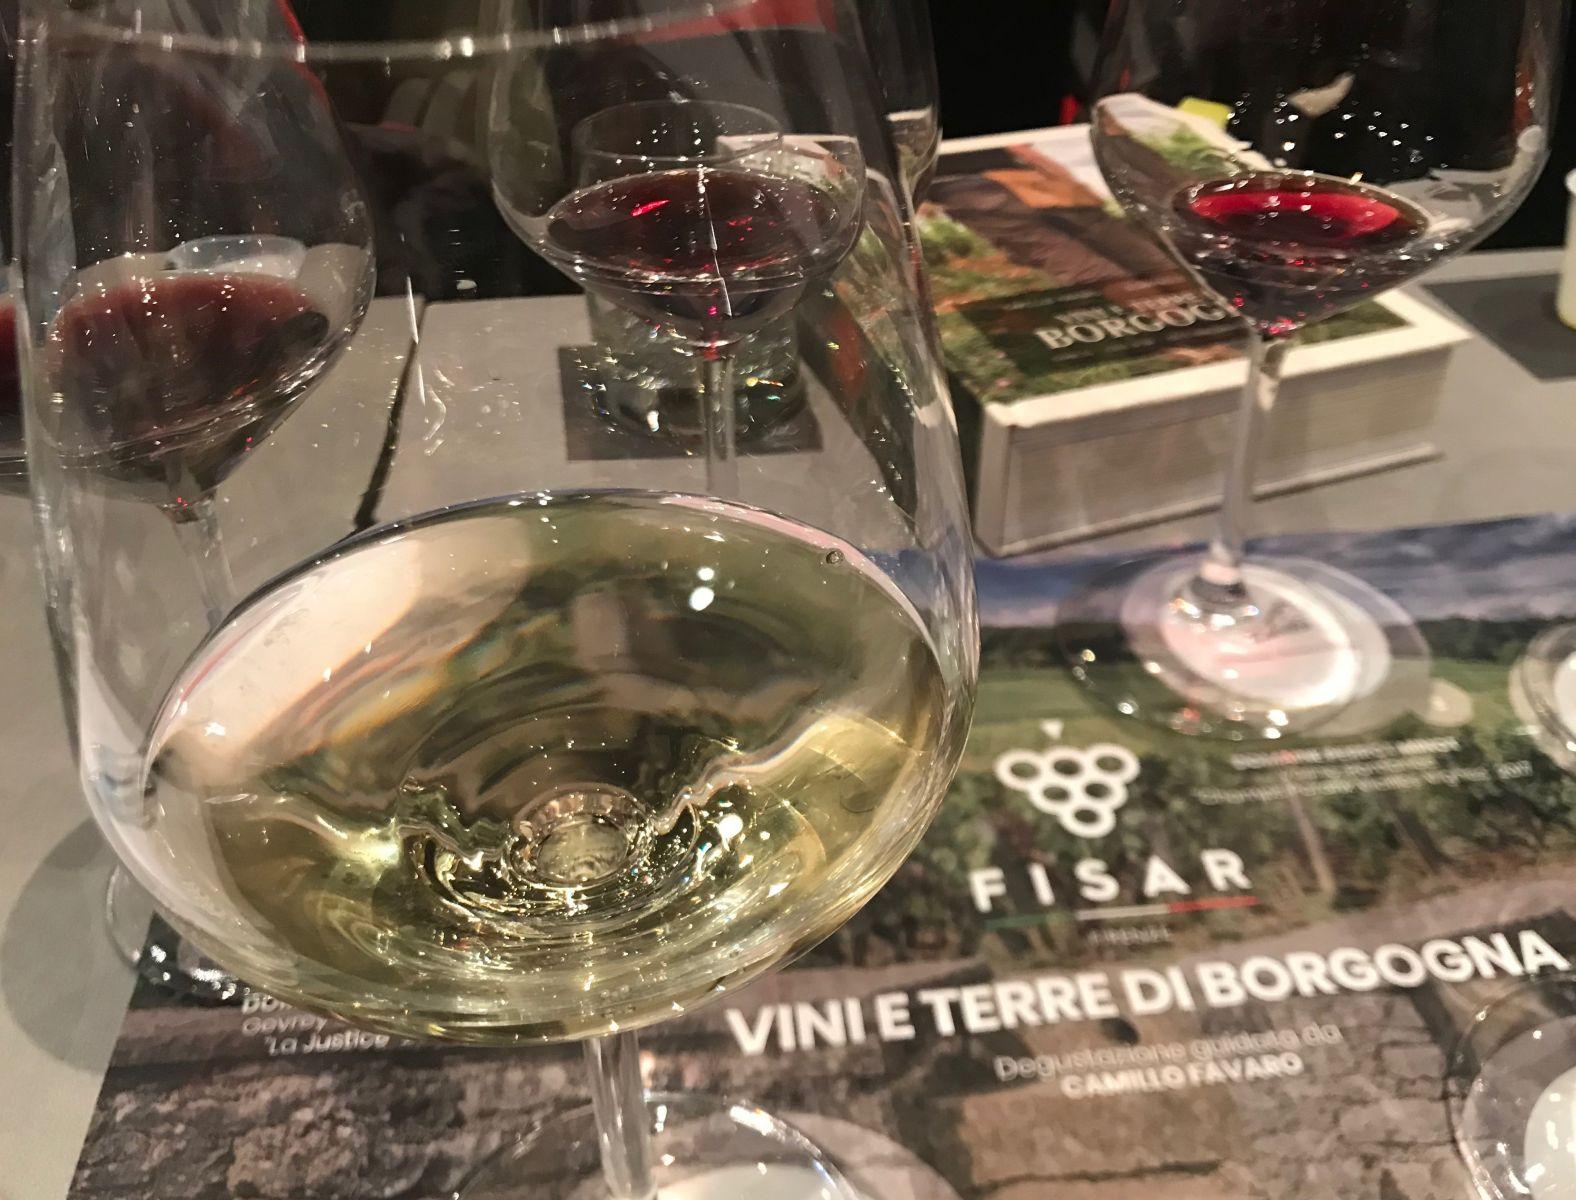 Foto Di Un Camino Acceso vini e terre di borgogna: incontro e degustazione con